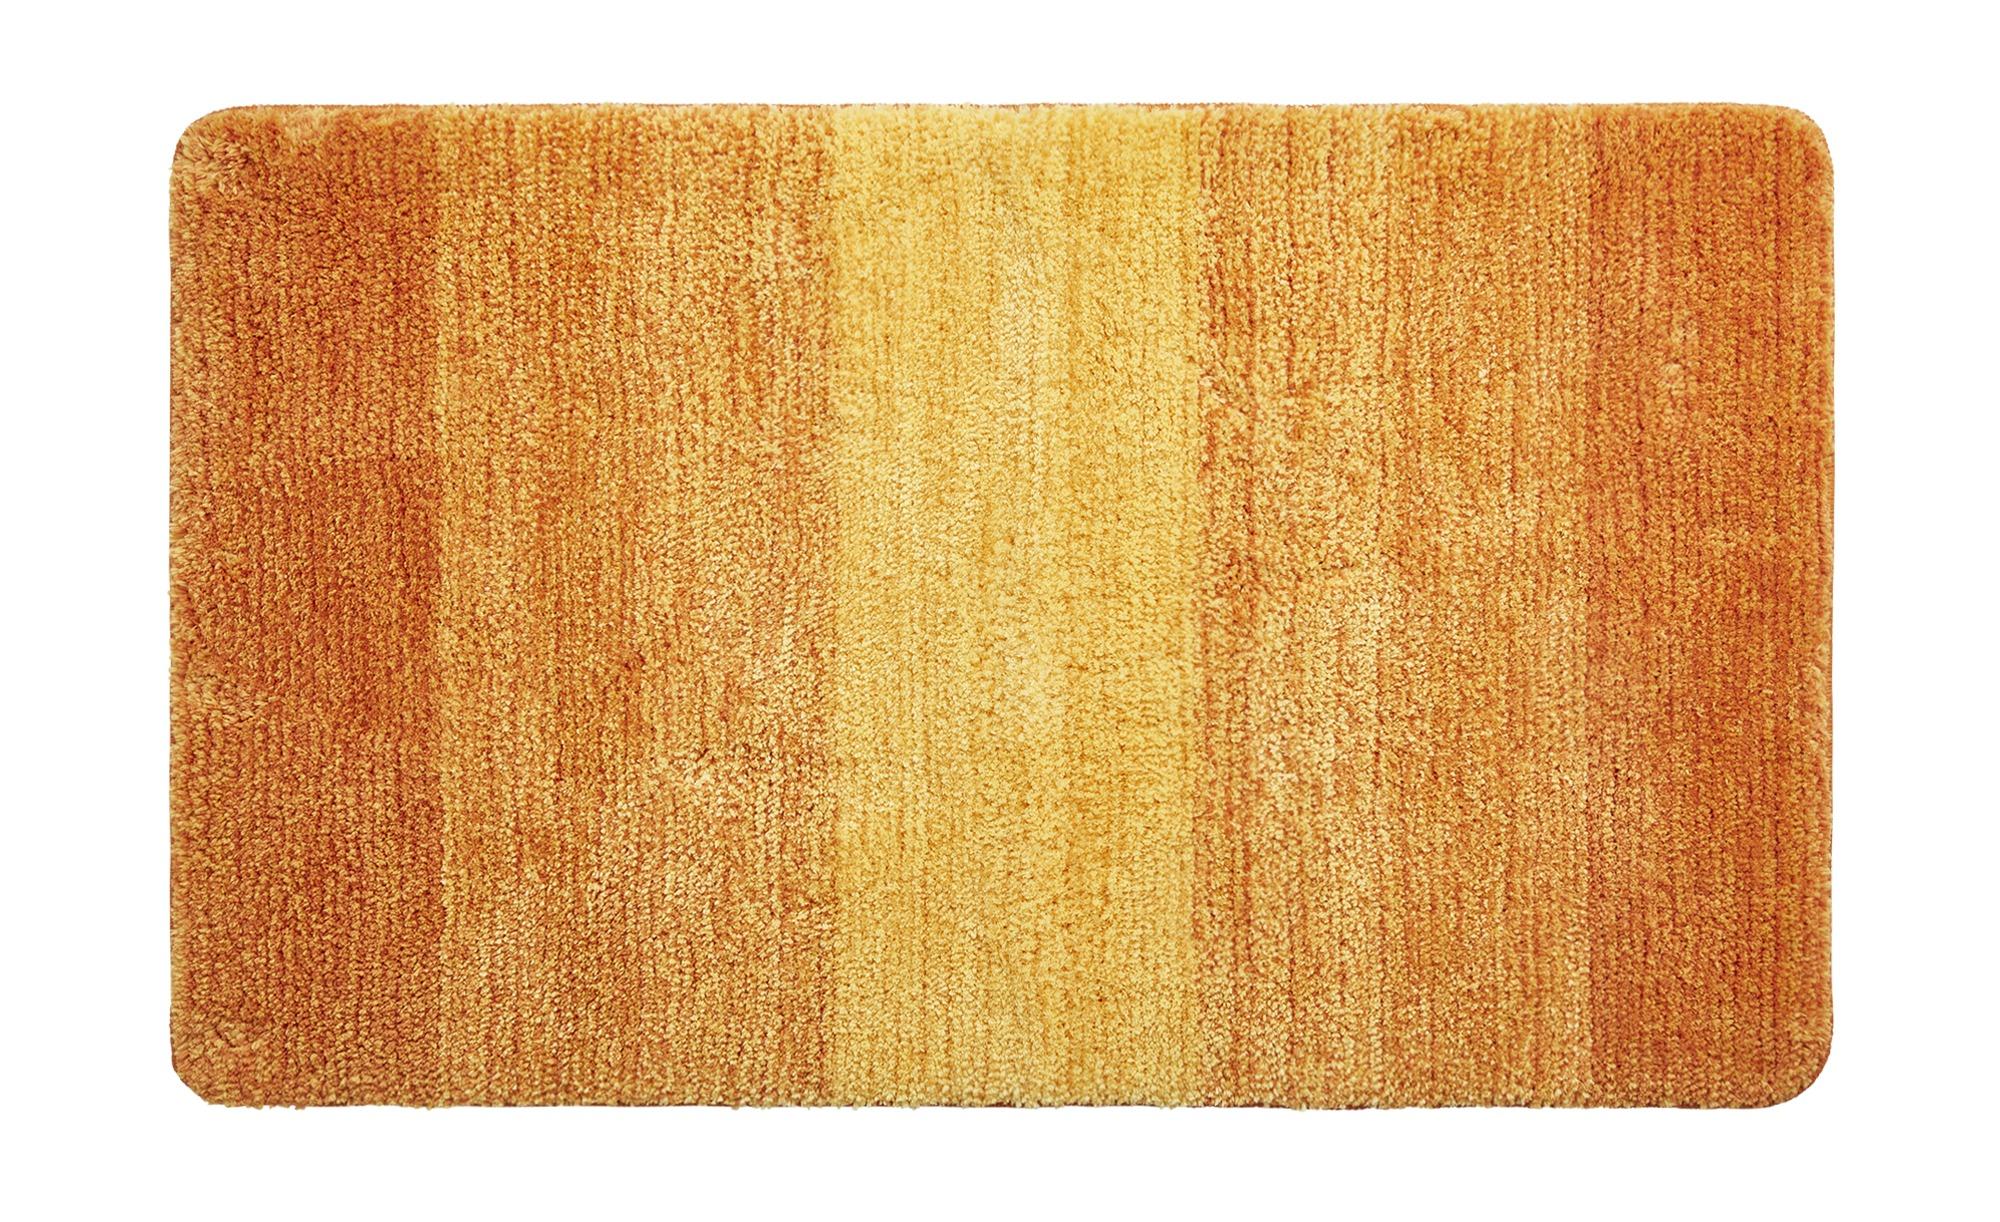 Badteppich  Grafiko ¦ orange ¦ 100% Mikrofaser ¦ Maße (cm): B: 55 Badtextilien und Zubehör > Badematten & Badvorleger - Höffner